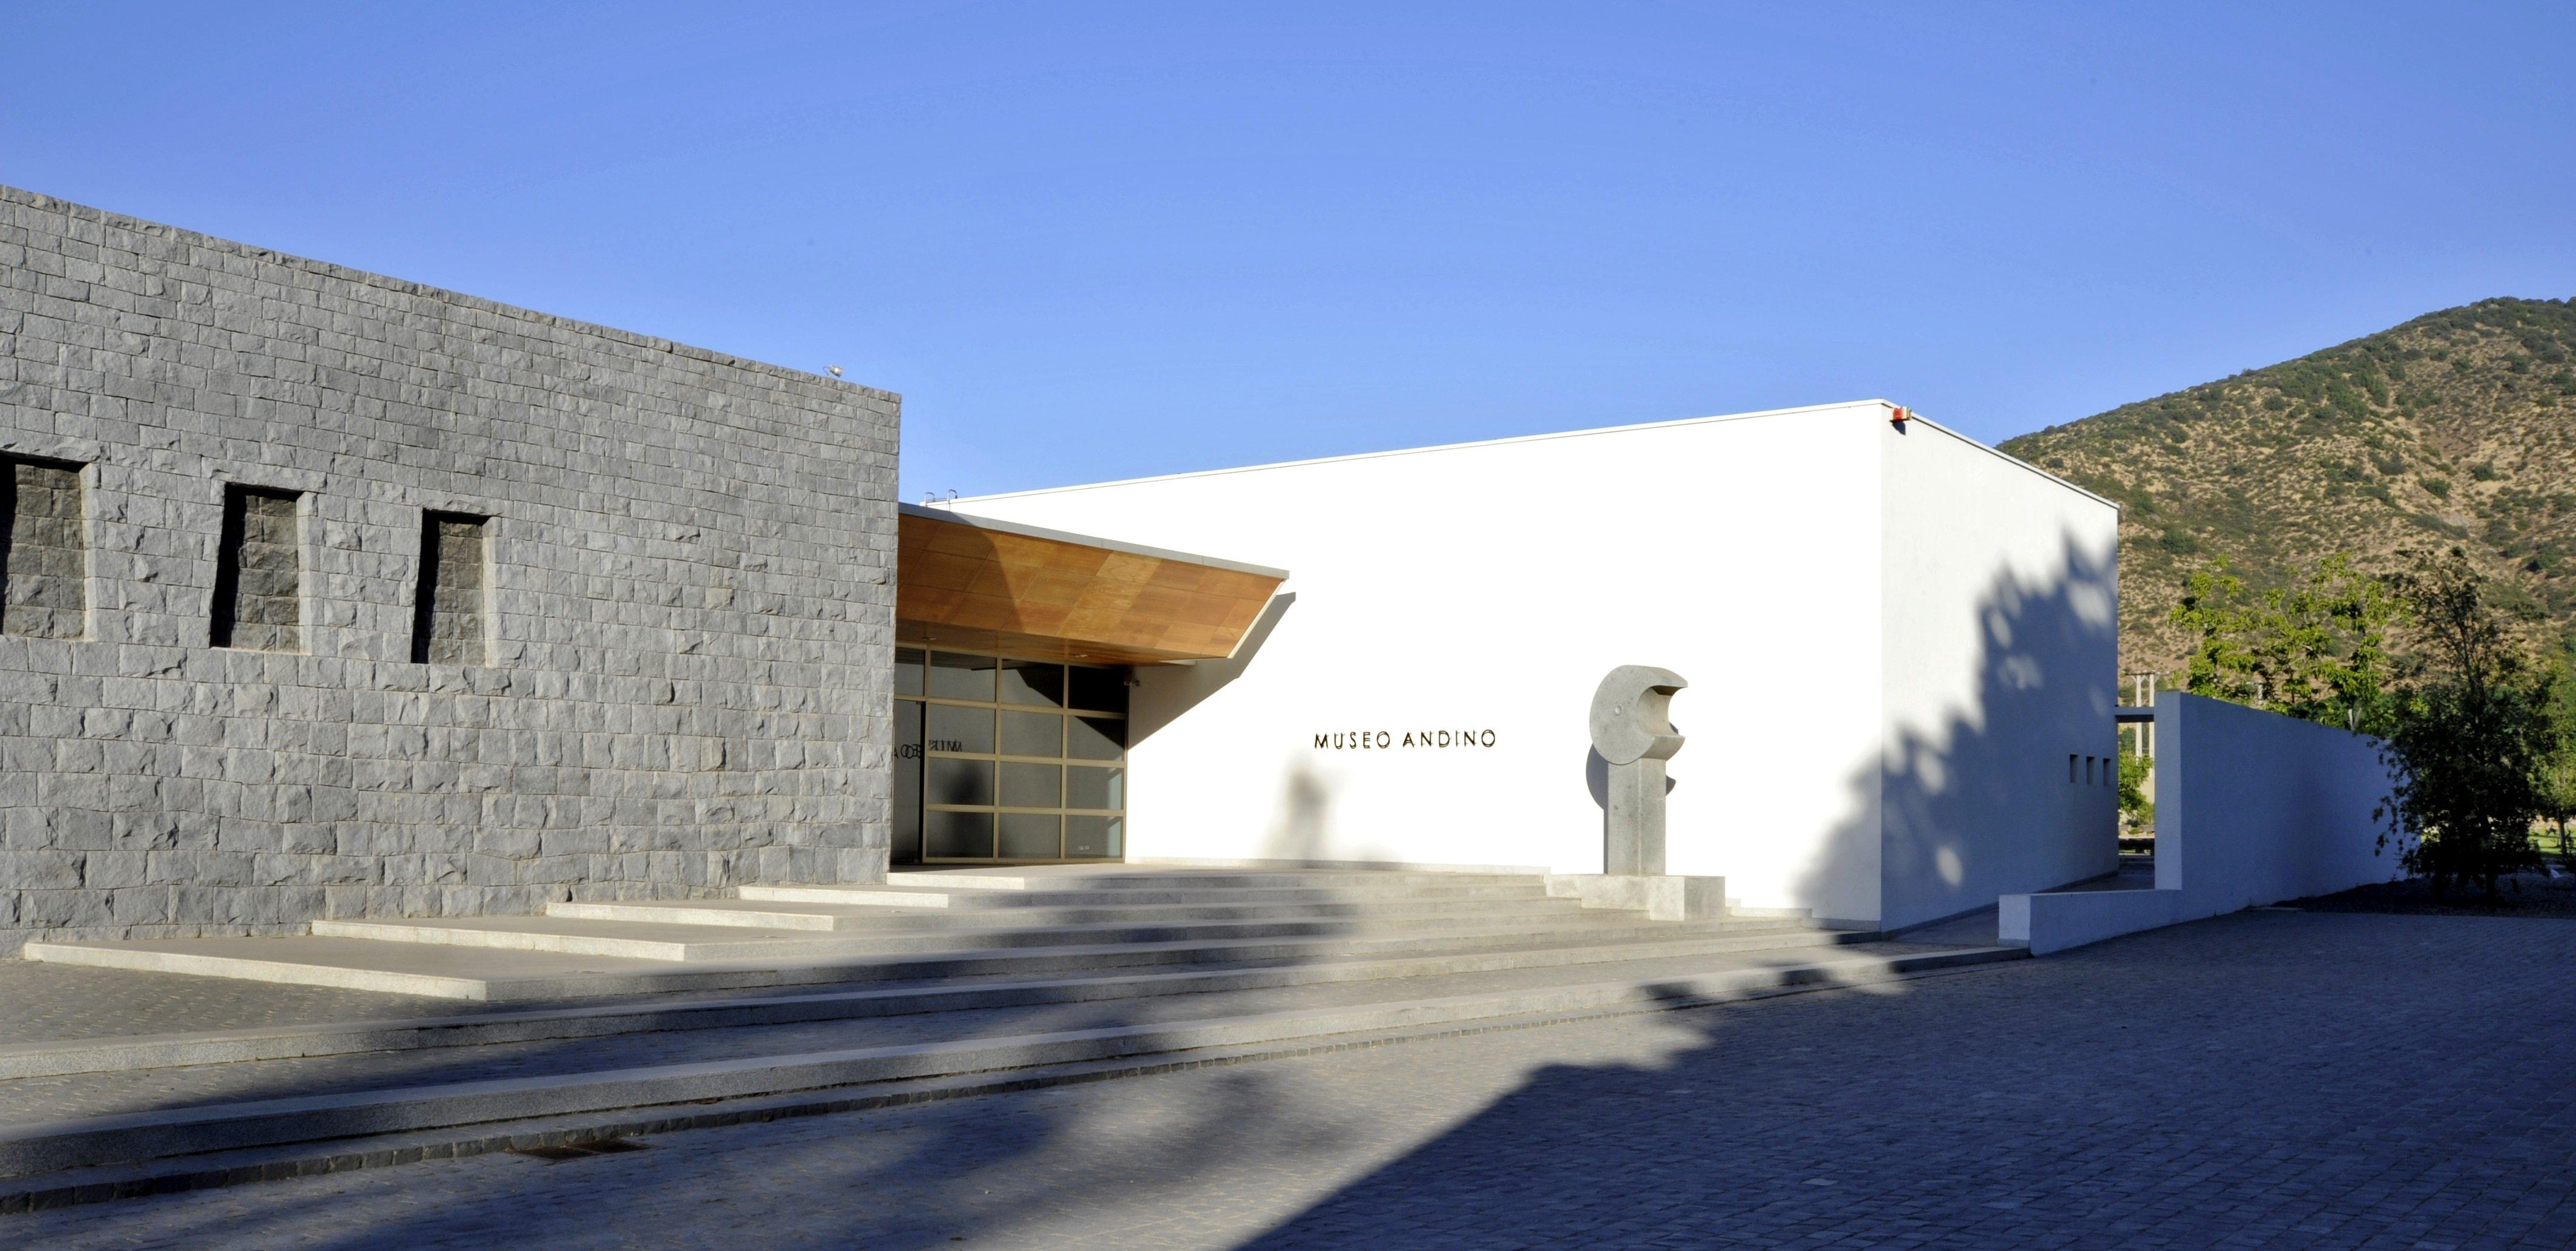 Entrada del Museo Andino de Viña Santa Rita